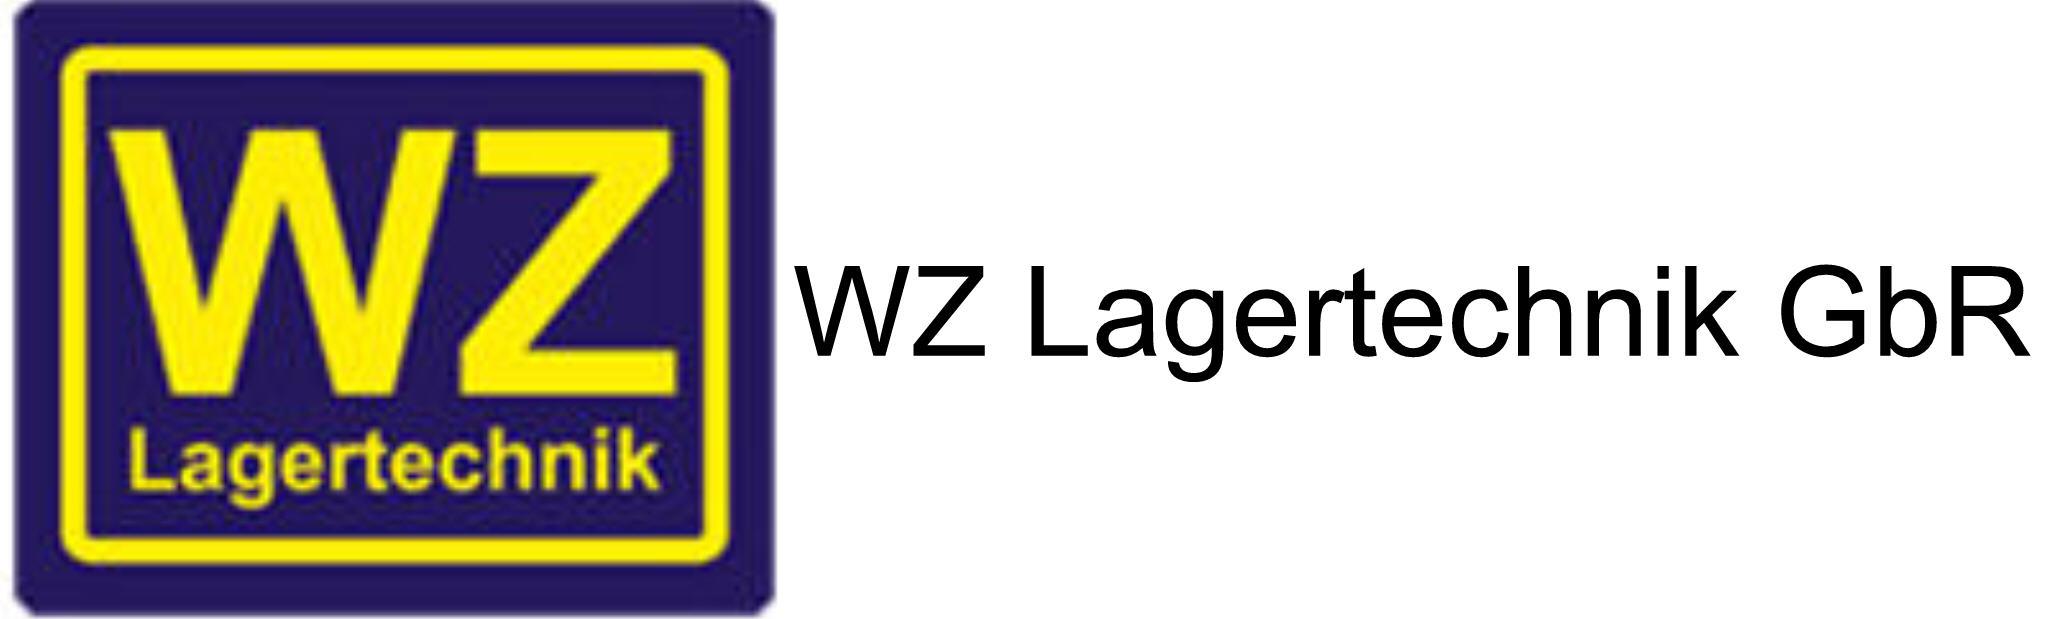 97688 bad kissingen poppenroth tel 09736 752550 fax 09736 7525051 wz lagertechnik gmx de www wz lagertechnik de haus und gartenbau schreinerei